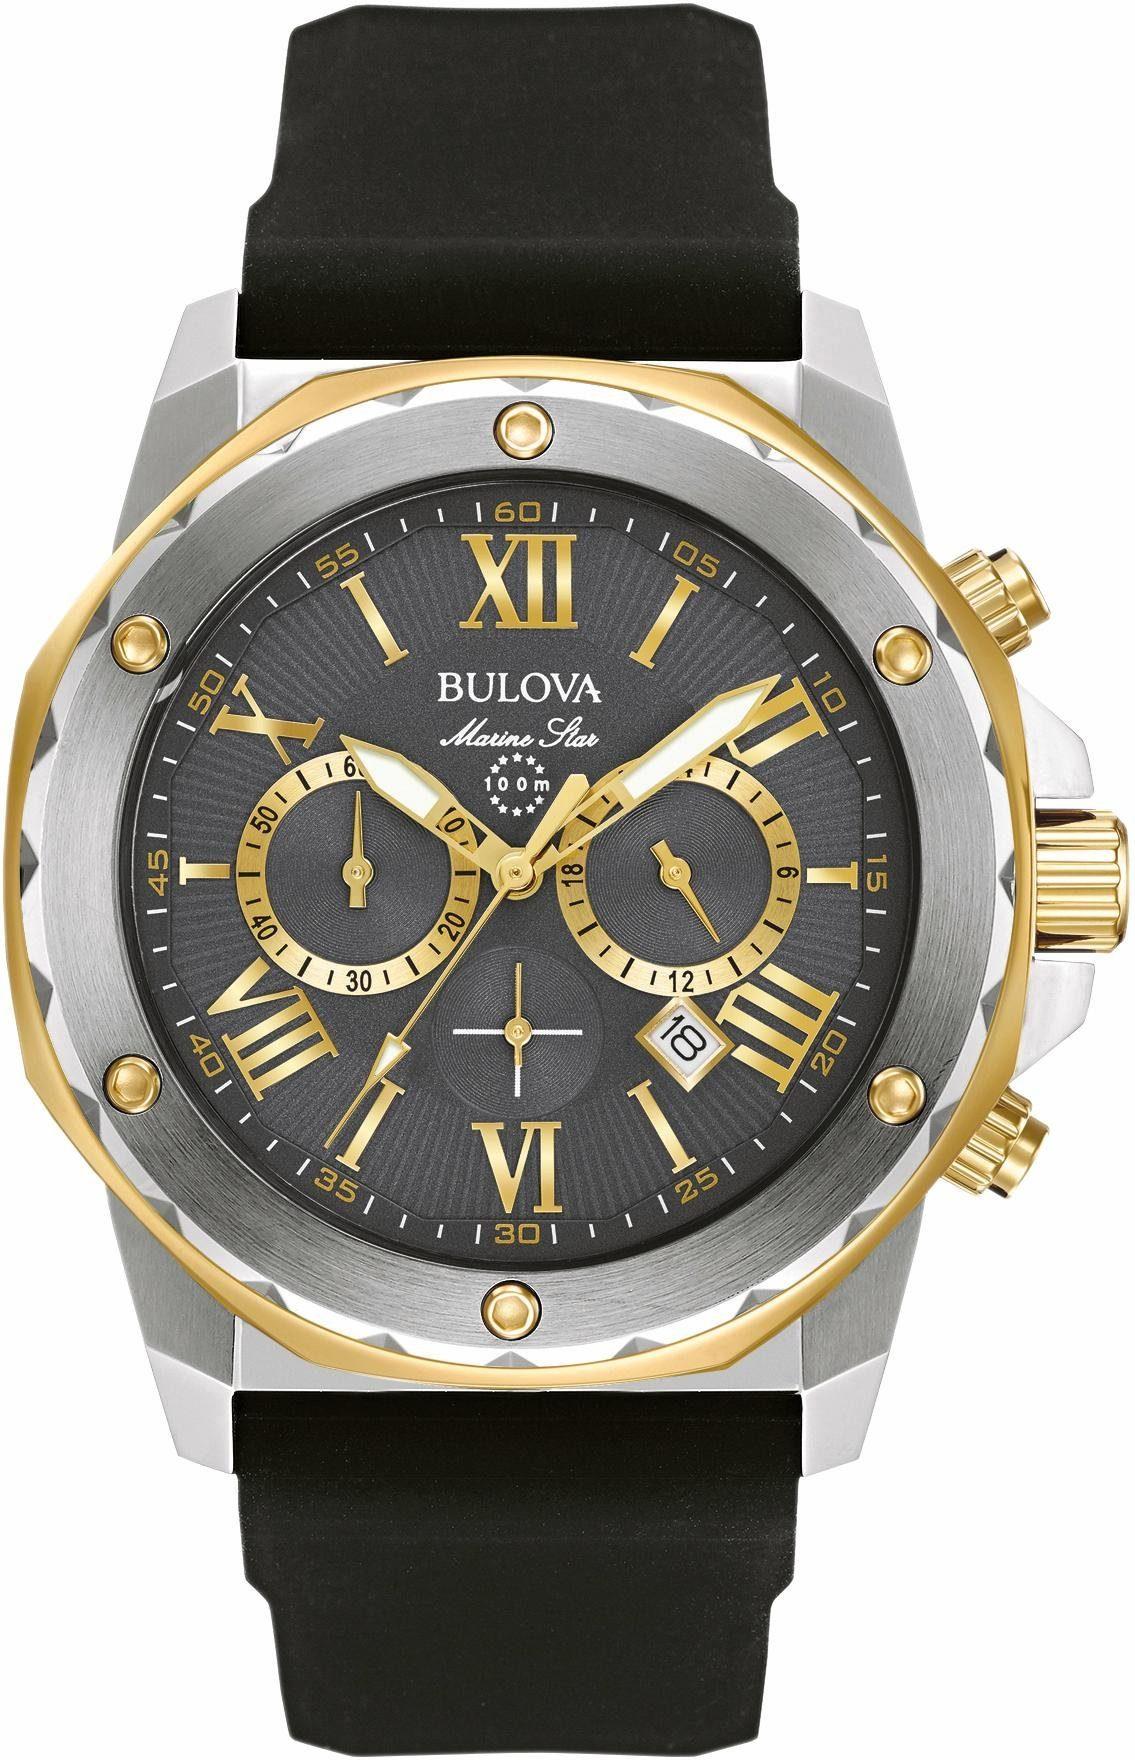 Bulova Chronograph »Marine Star, 98B277« dezentraler Sekundenzeiger